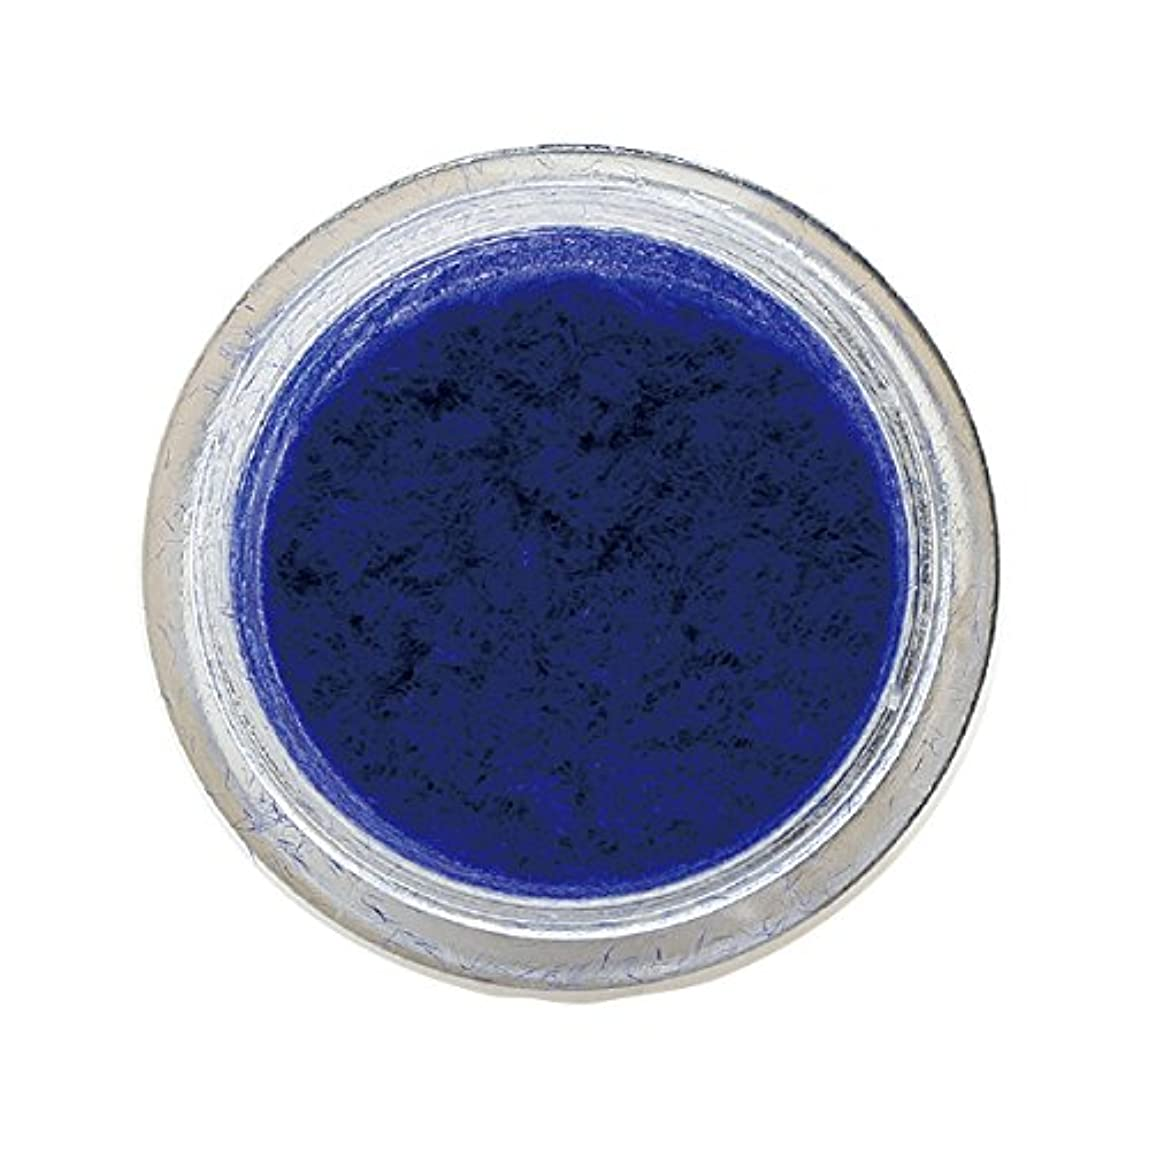 老人胚たとえベルベットネイル 1g ブルー